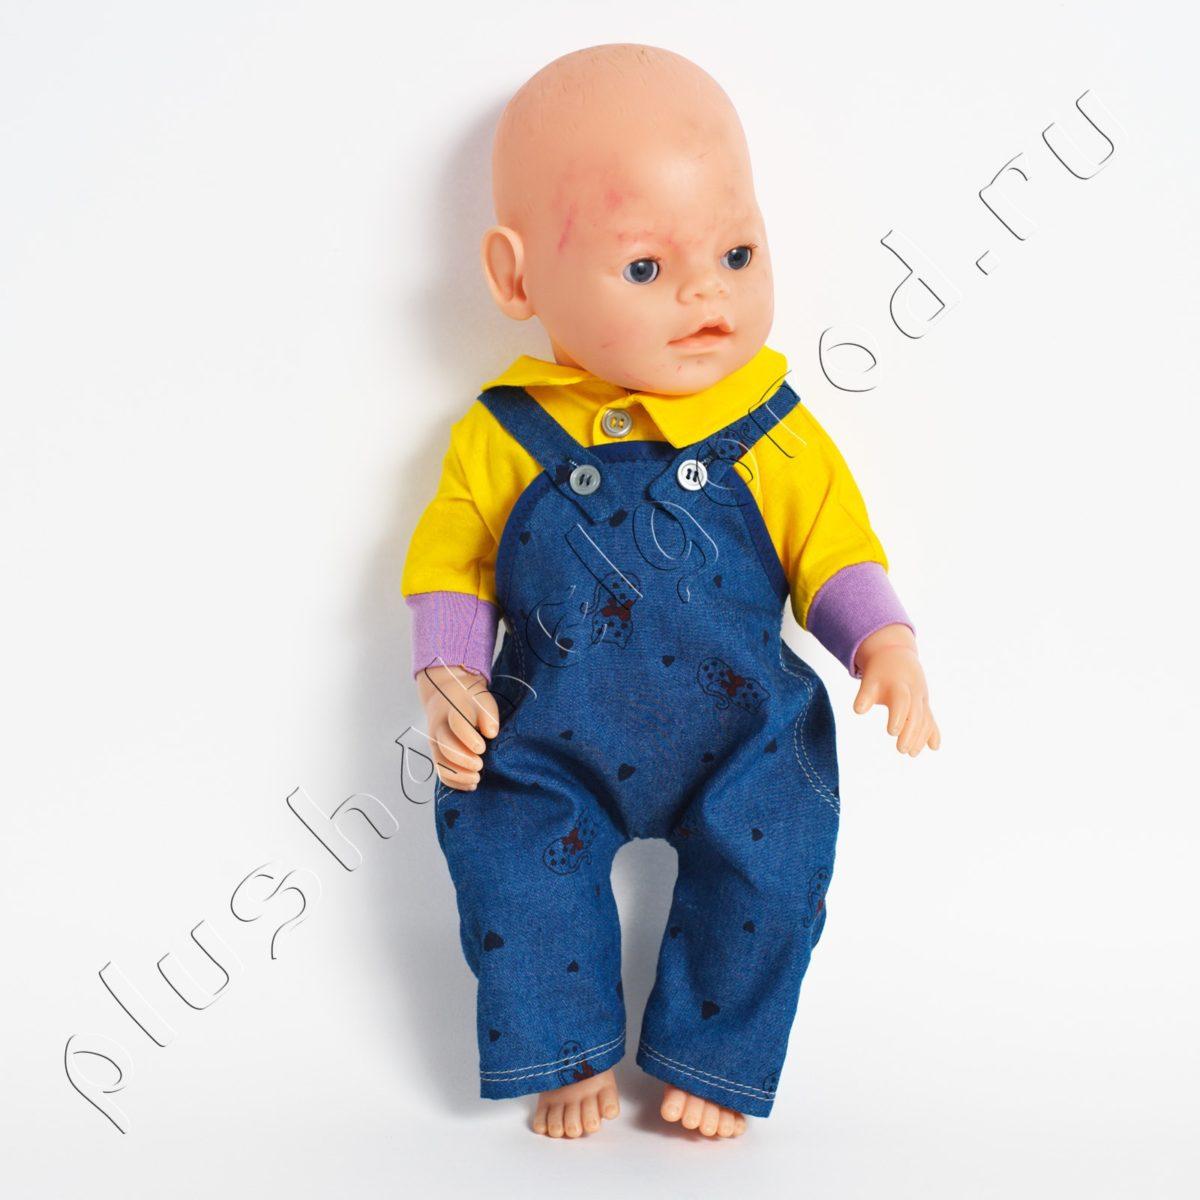 Комбинезон джинс тонкий и рубашка желтая